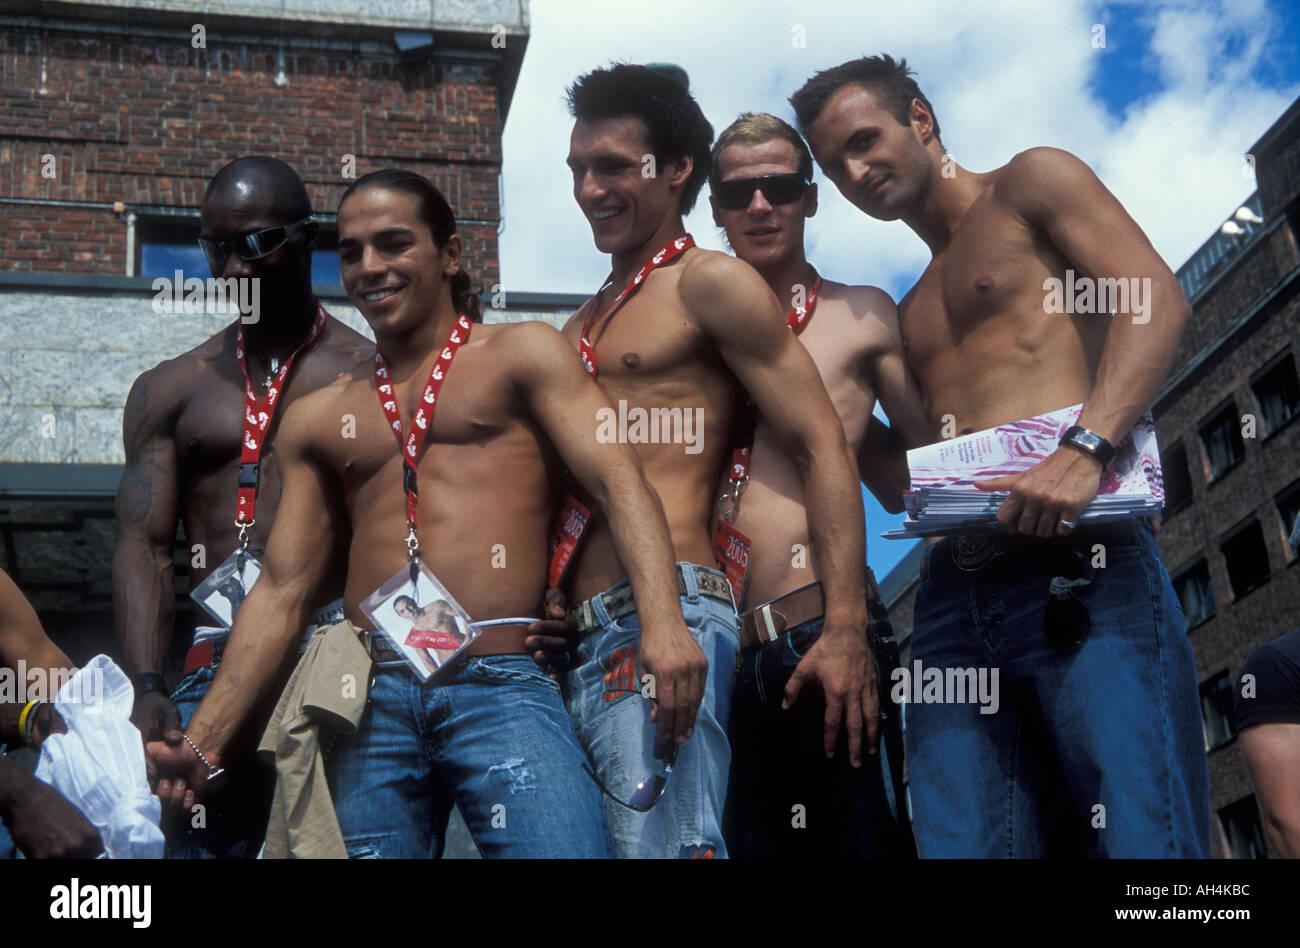 danske pornofilmer match homo oslo